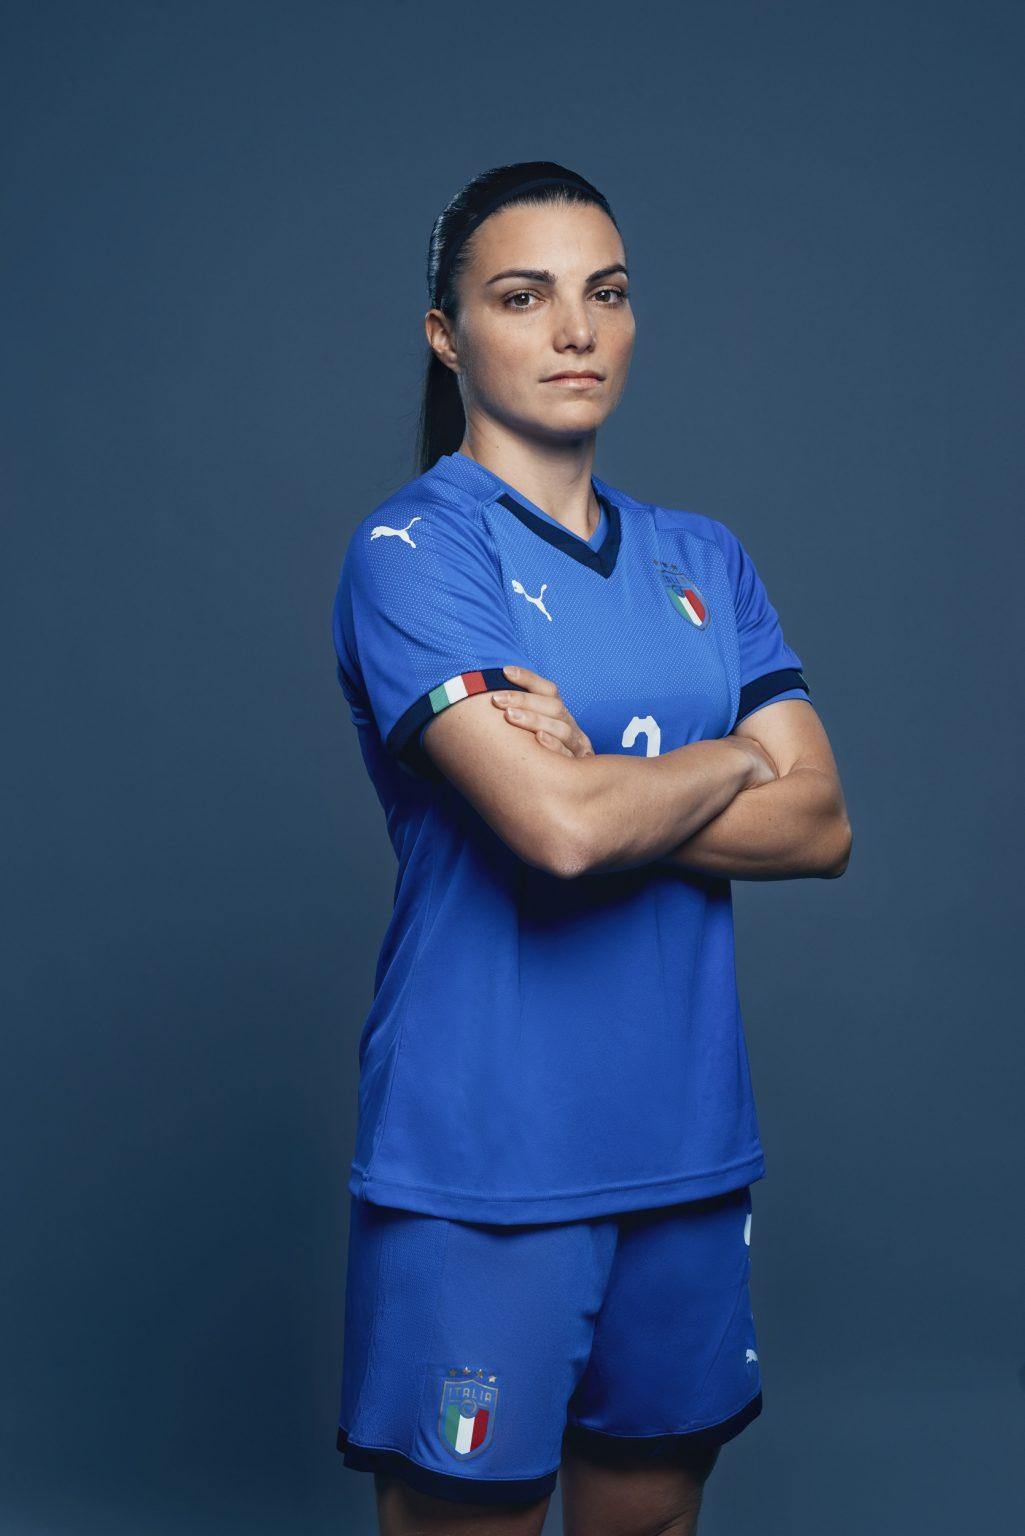 Florence, May 2019 - Alia Guagni, Italy women's national football team player. >< Firenze, maggio 2019 - Alia Guagni, calciatrice della Nazionale femminile italiana di calcio.